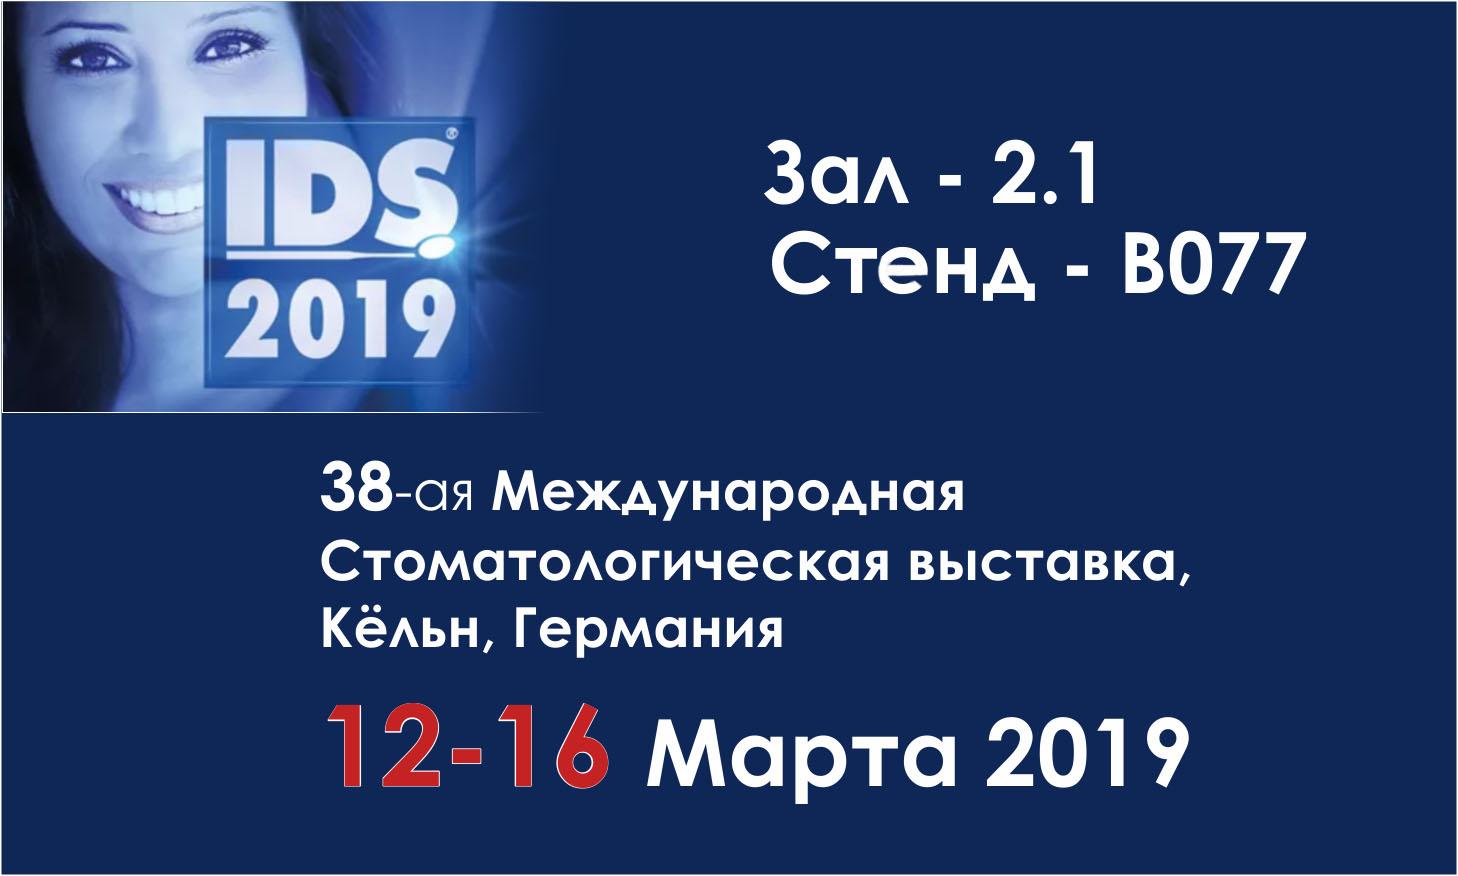 2-я стоматологическая выставка в Симферополе